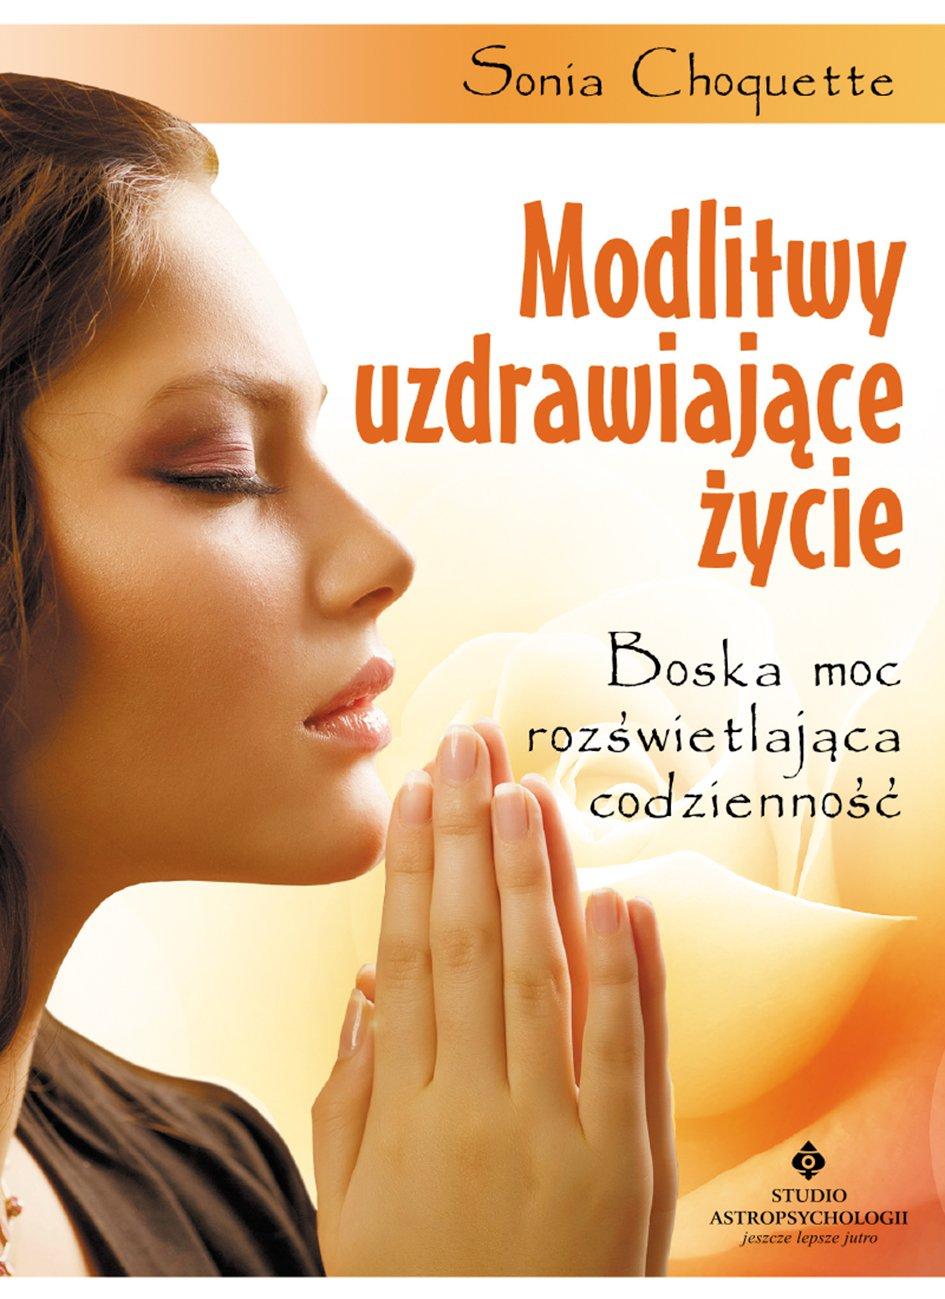 Modlitwy uzdrawiające życie. Boska moc rozświetlająca codzienność - Ebook (Książka PDF) do pobrania w formacie PDF